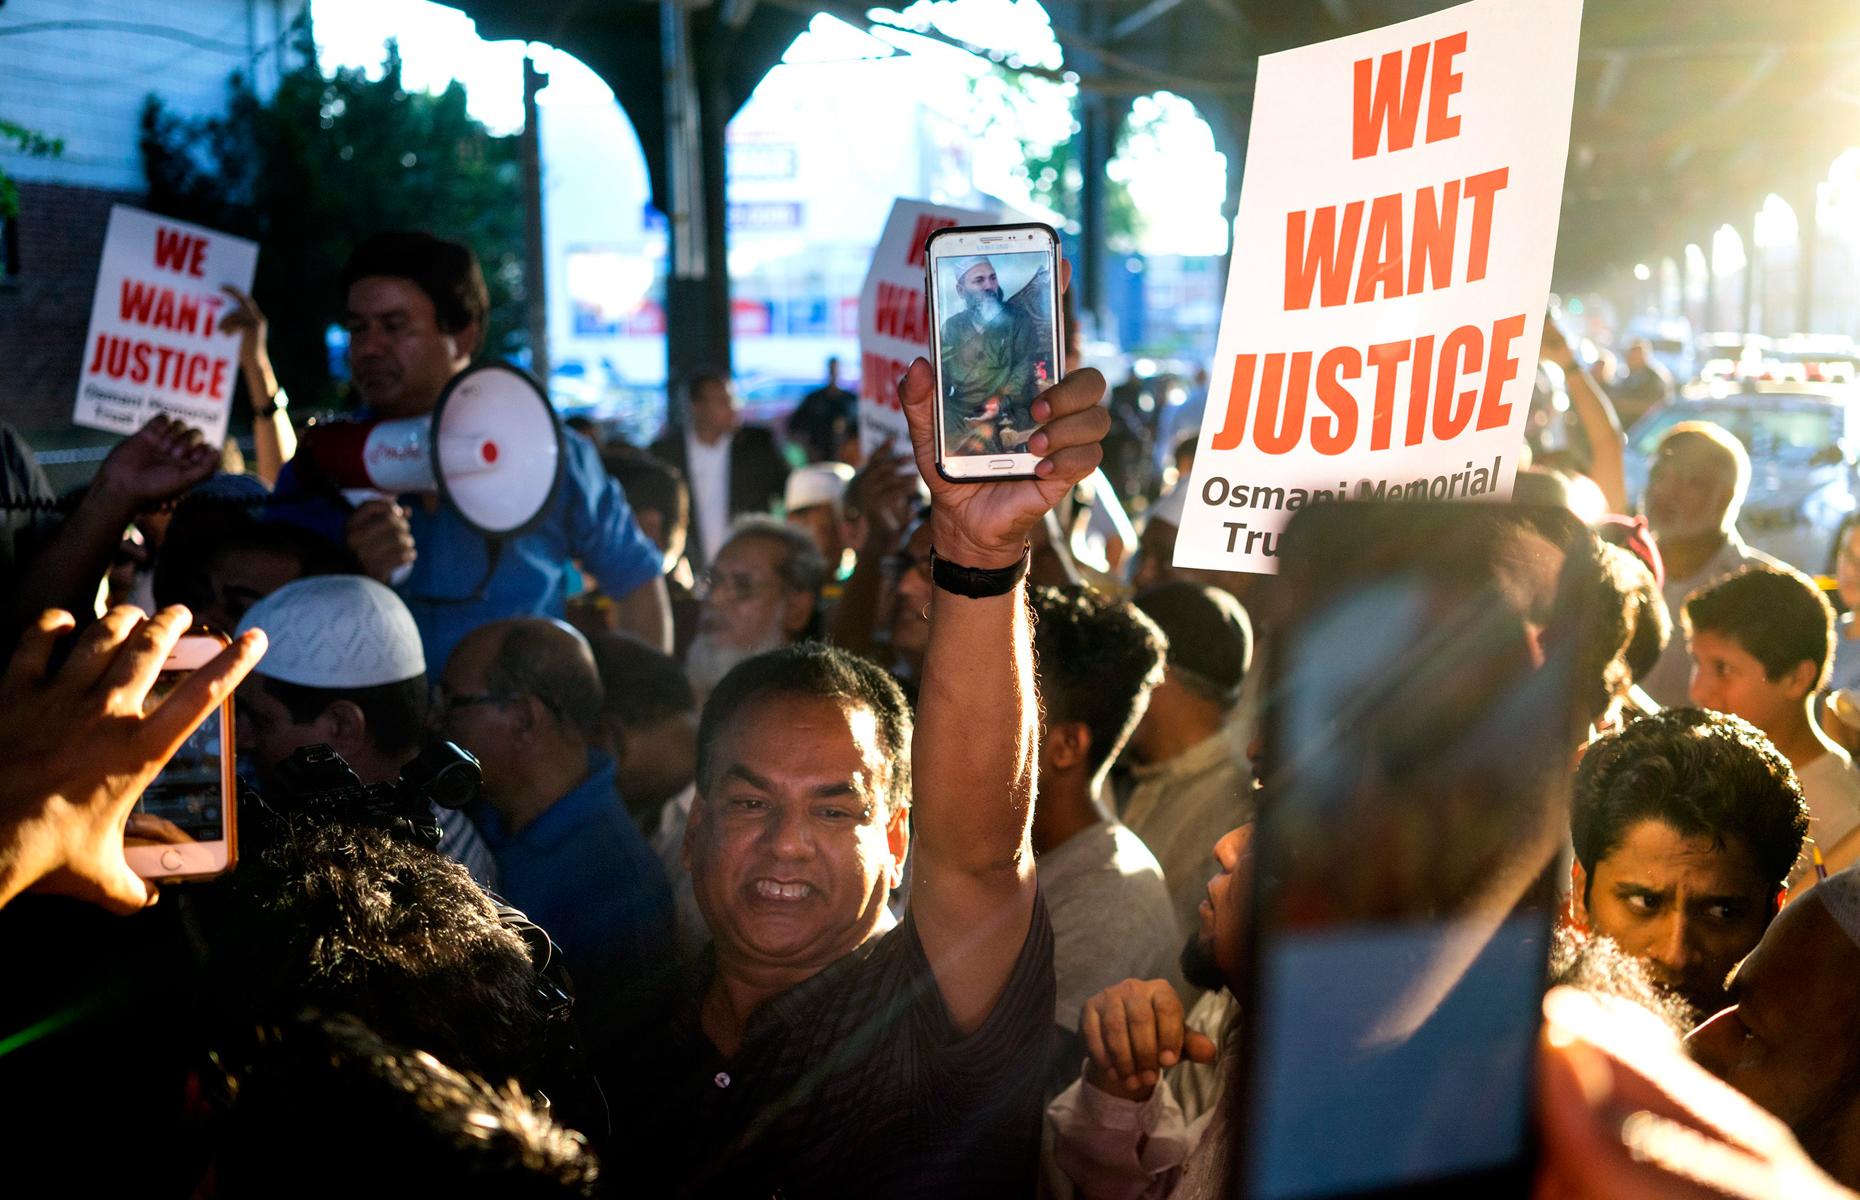 Des gens sont réunis près de la scène du crime à New York le 13 août 2016 après le meurtre de l'imam Maulama Akonhee.